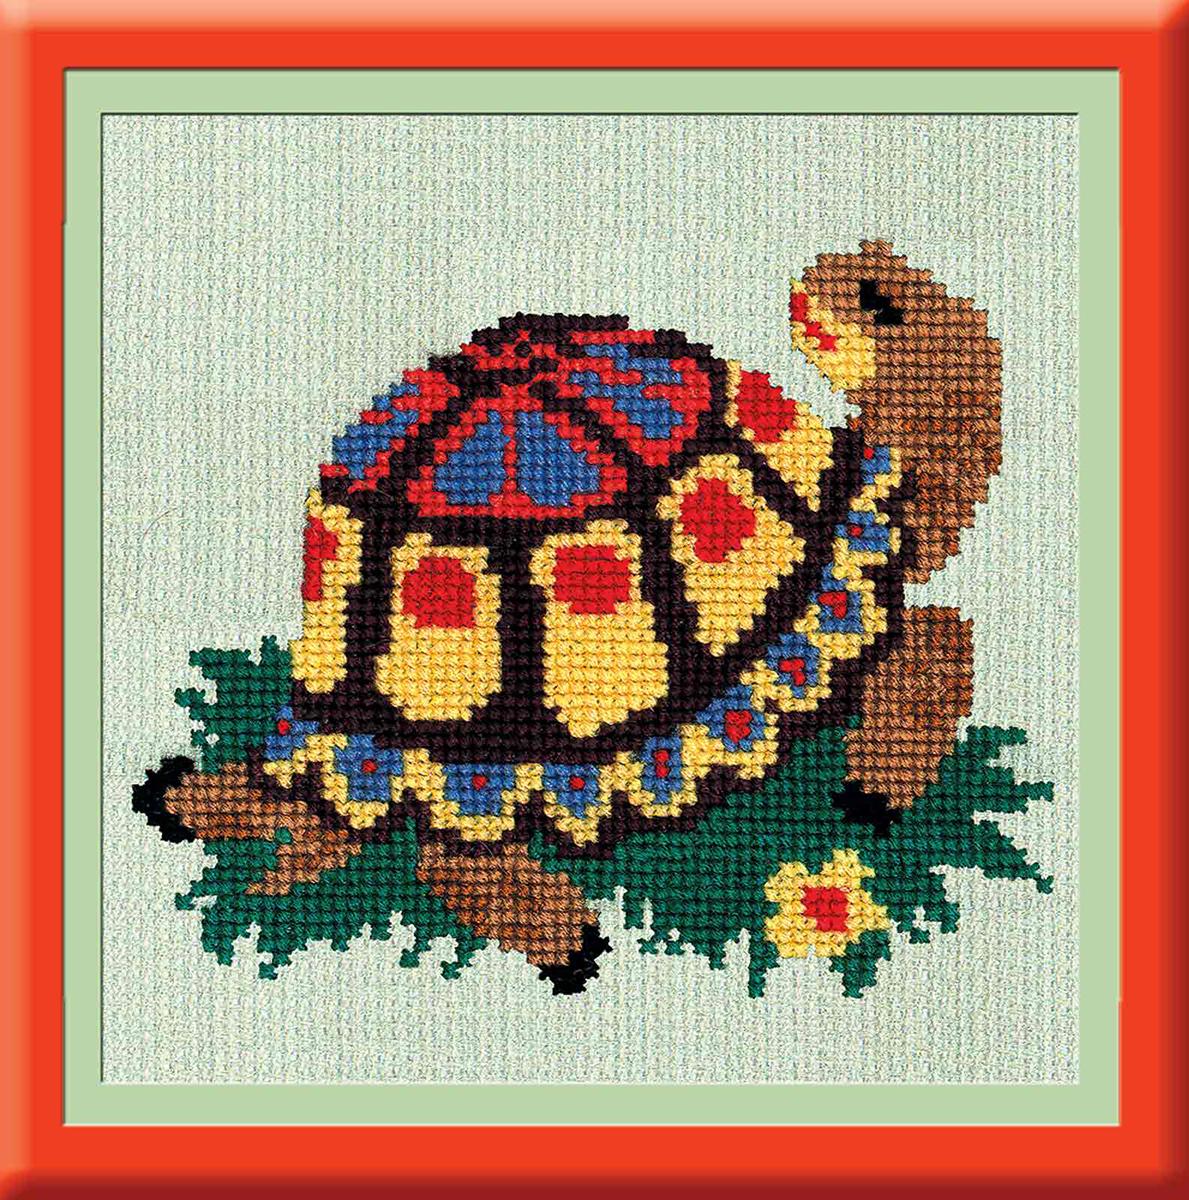 Набор для вышивания РС-Студия Черепаха, 13 см х 15 см. 866547599